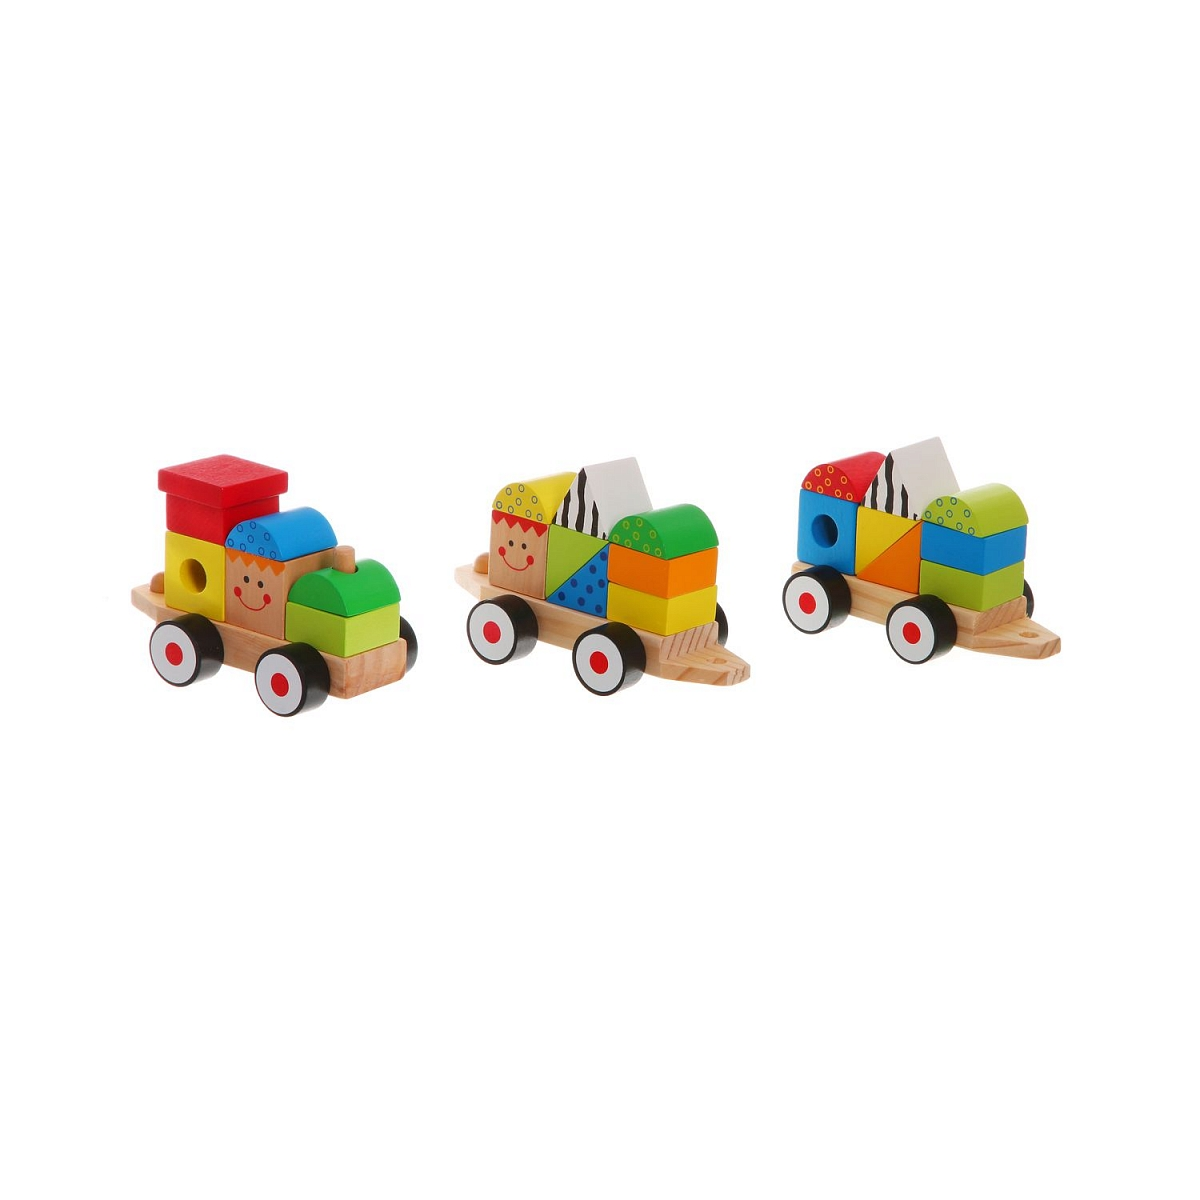 Деревянный конструктор-каталка Bondibon Чудо-поезд, 26 элементов конструктор деревянный toys lab цирковой поезд